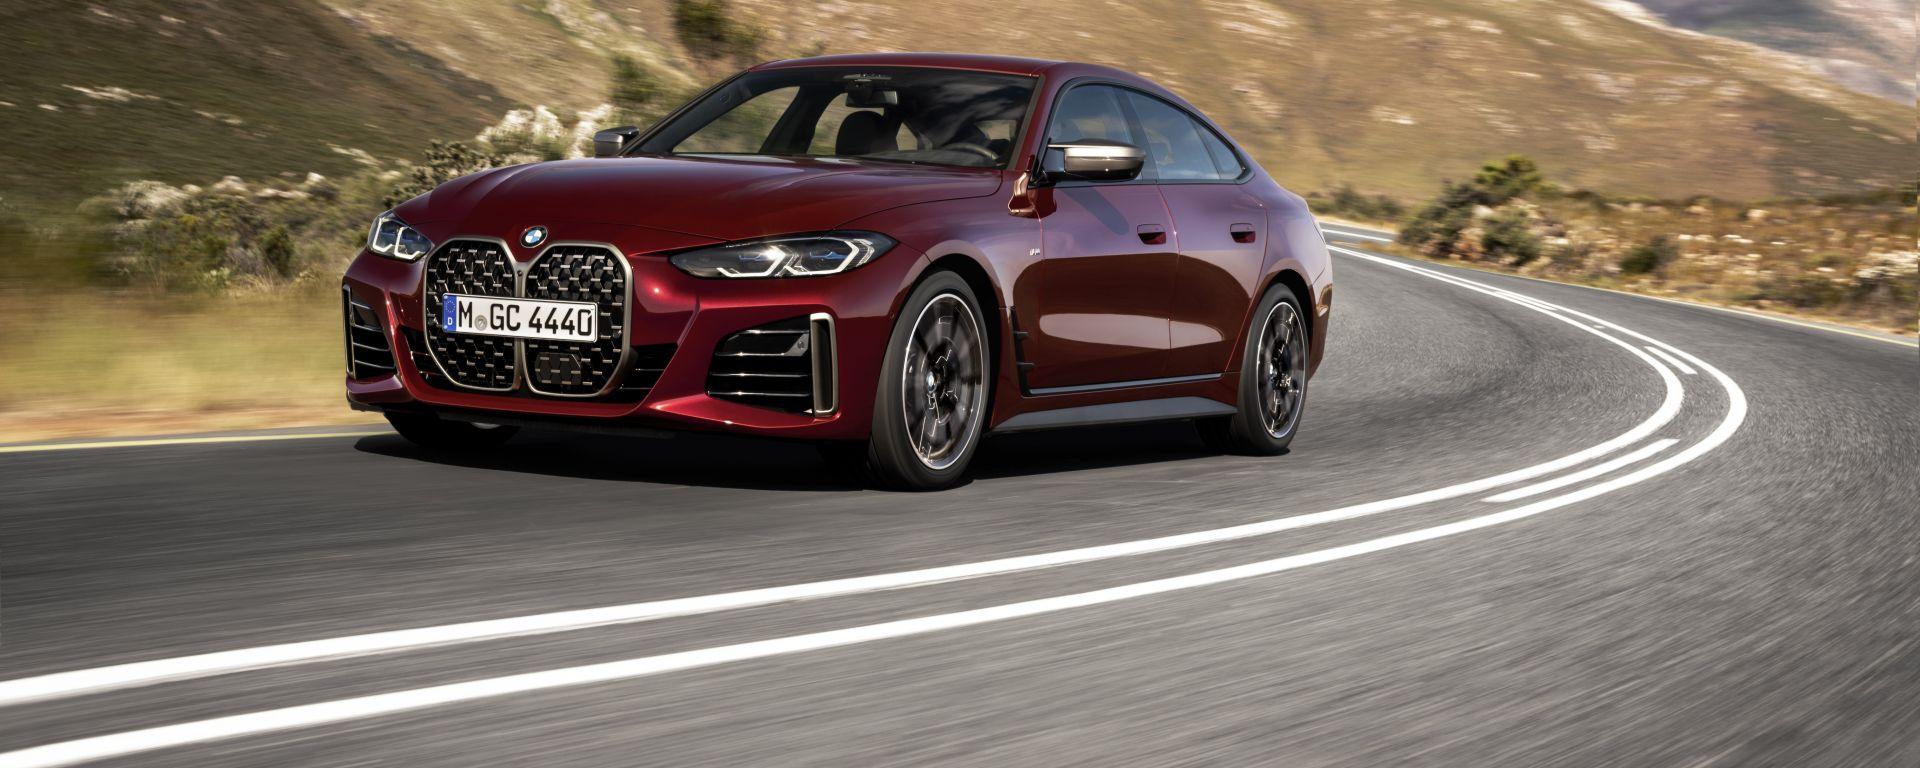 Nuova BMW Serie 4 Gran Coupé: in arrivo la seconda generazione